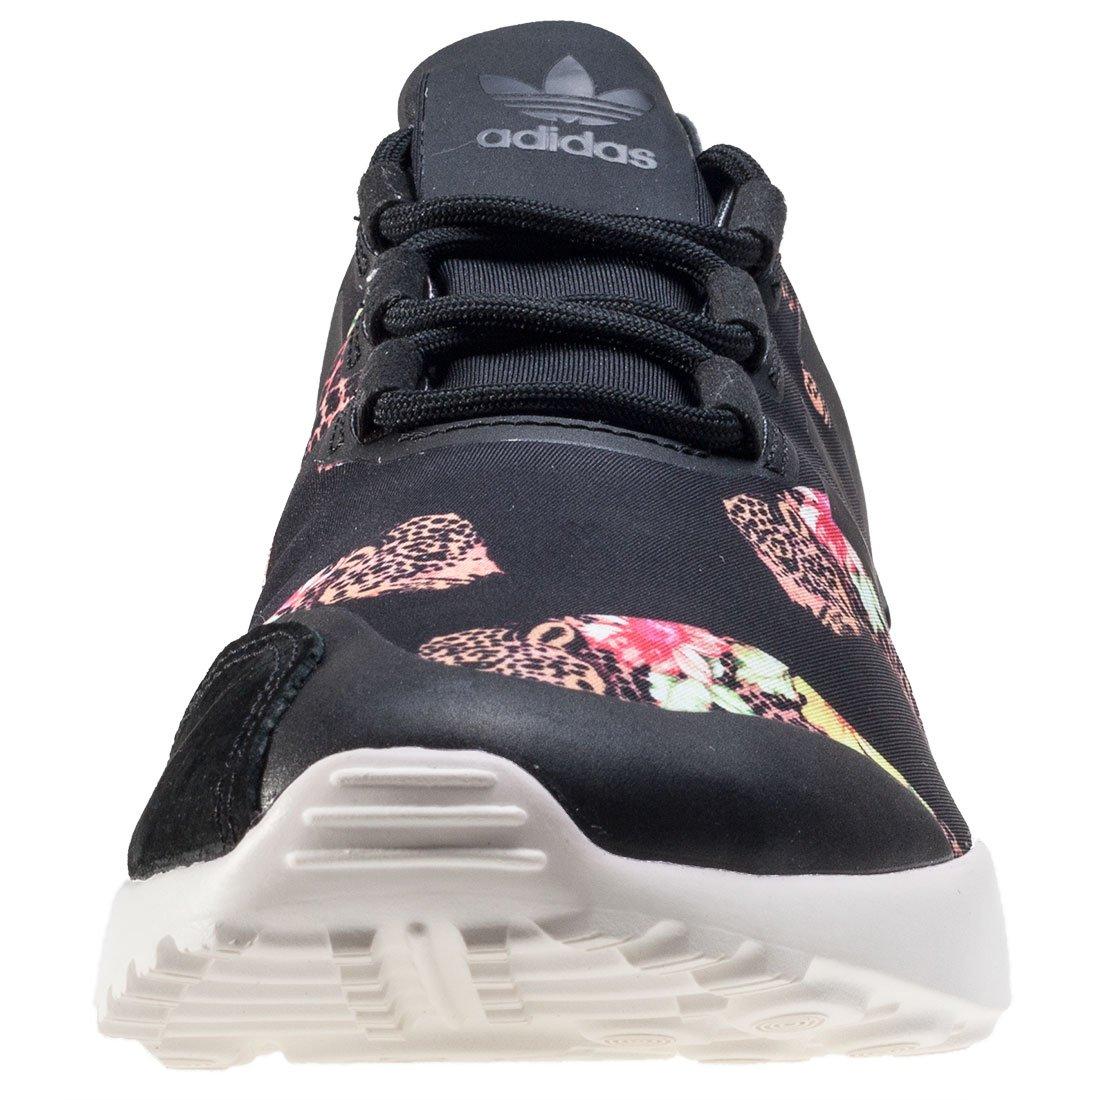 Adidas Damen Damen Damen ZX Flux ADV Verve Turnschuhe b8df76